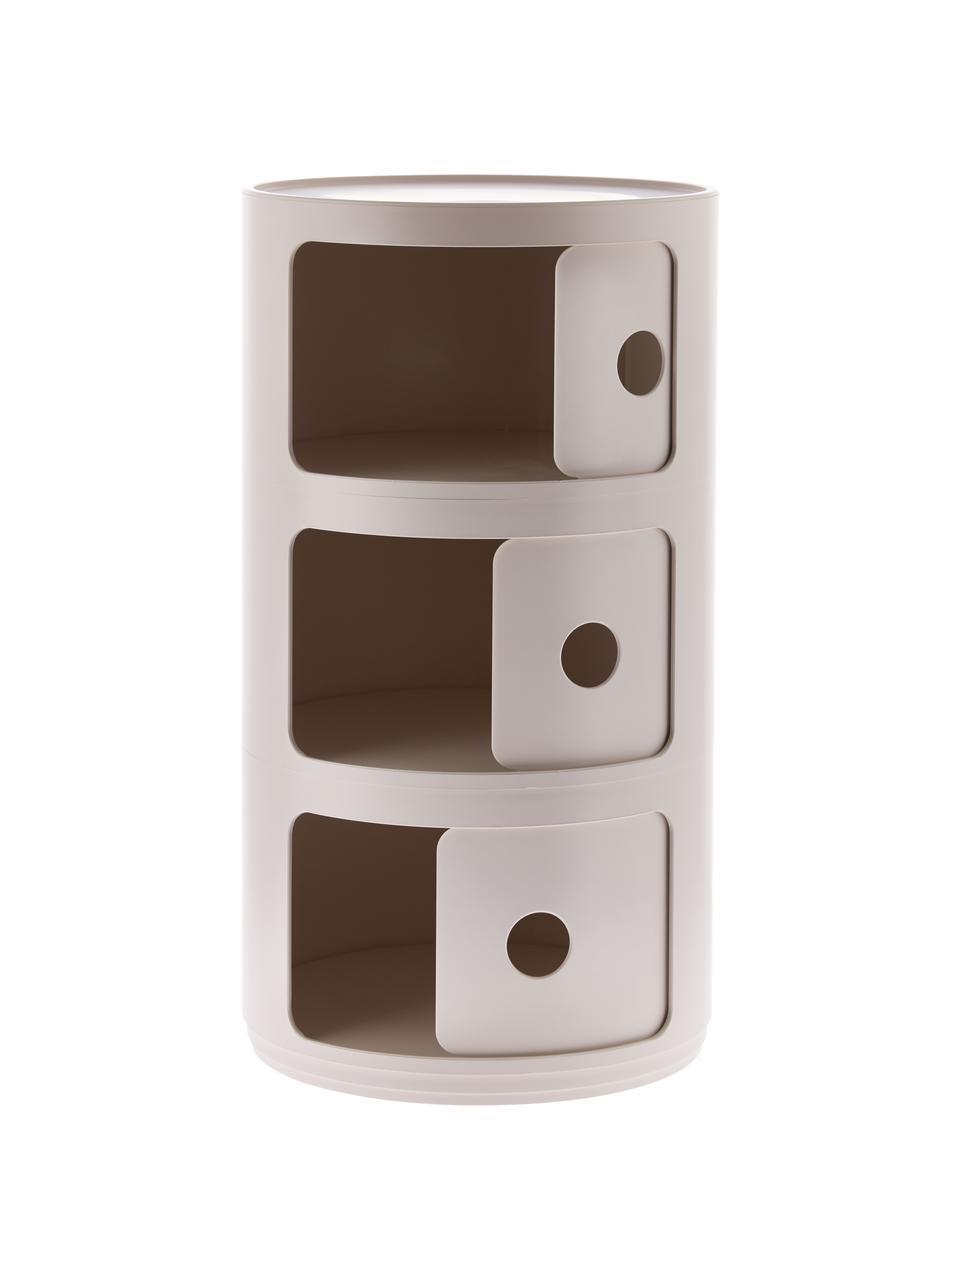 Design Container Componibili 3 Fächer, 100% Biopolymer aus nachwachsenden Rohstoffen, Creme, matt, Ø 32 x H 59 cm